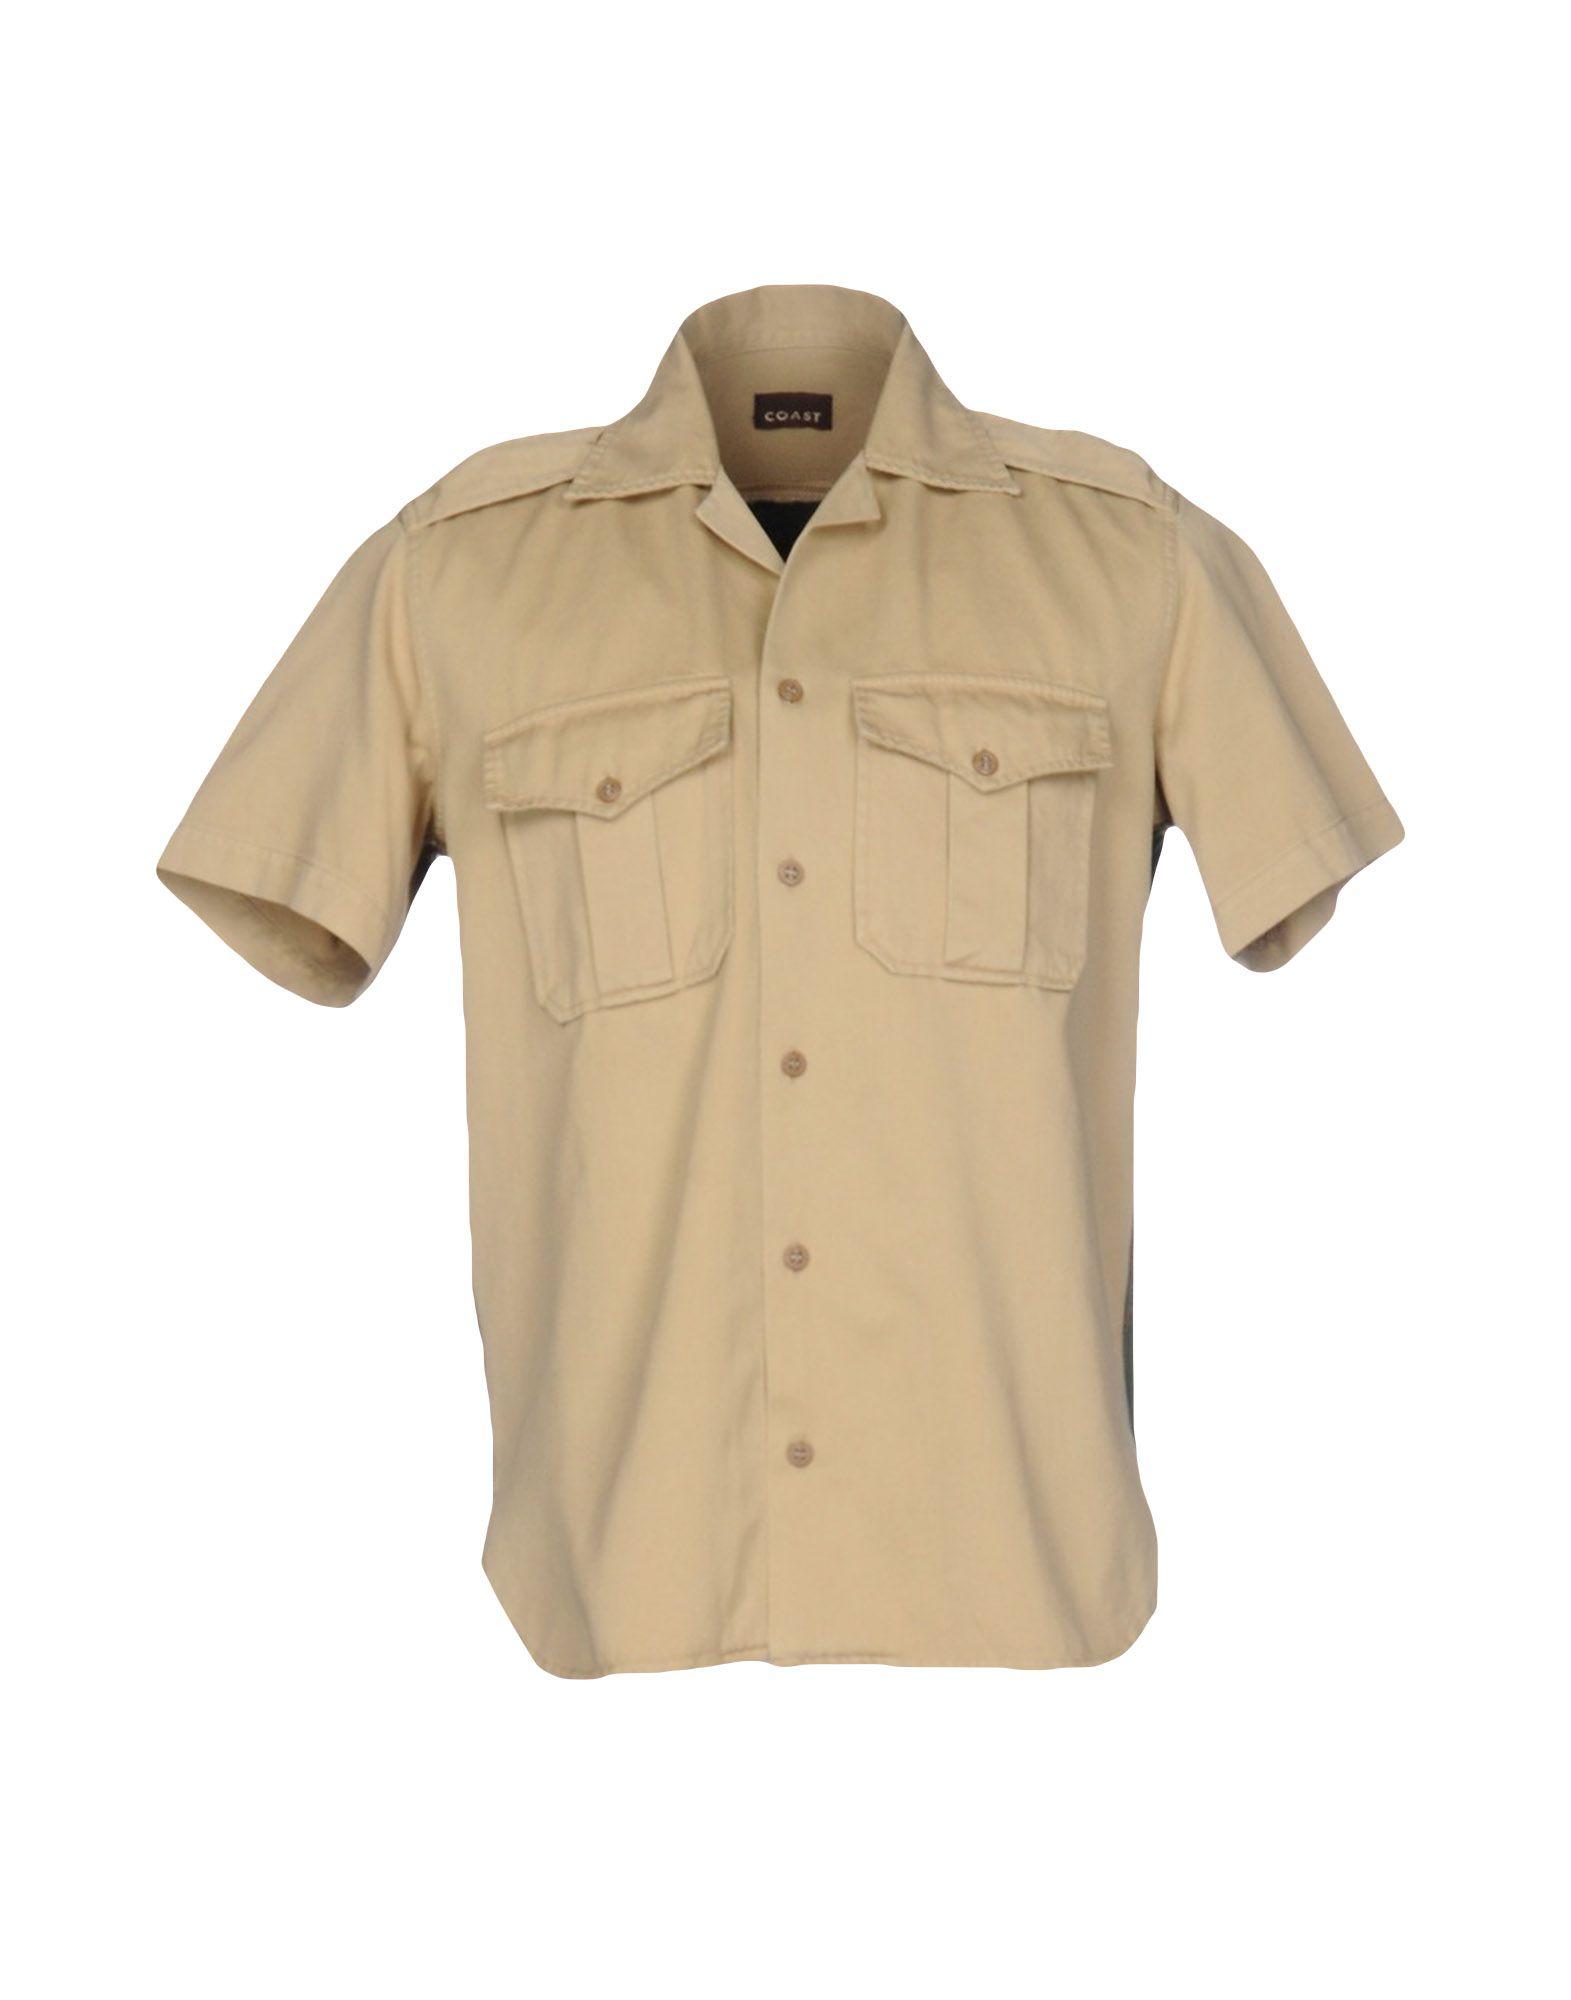 где купить COAST Pубашка по лучшей цене